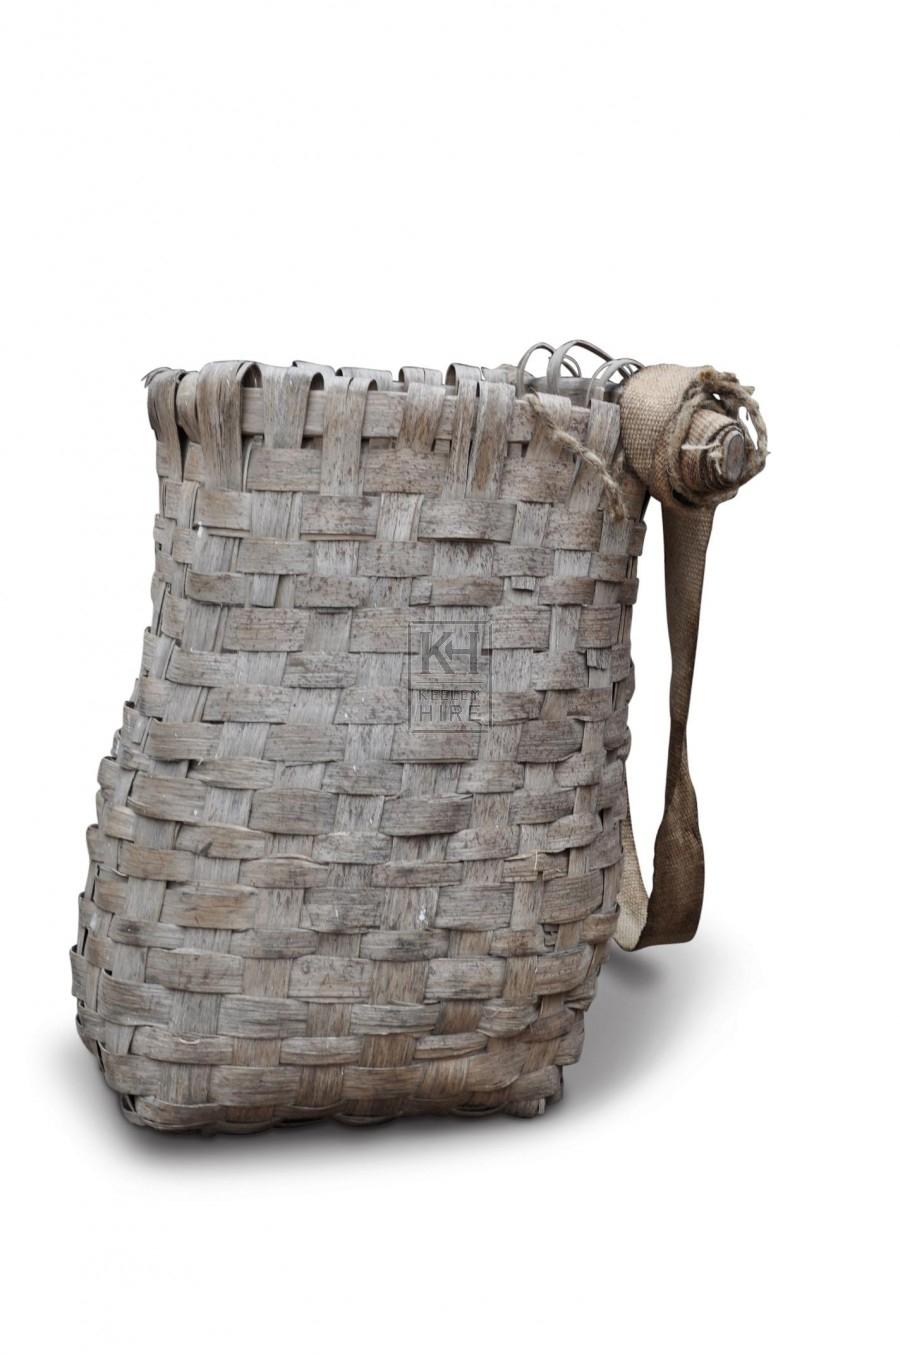 Back Basket - Woven